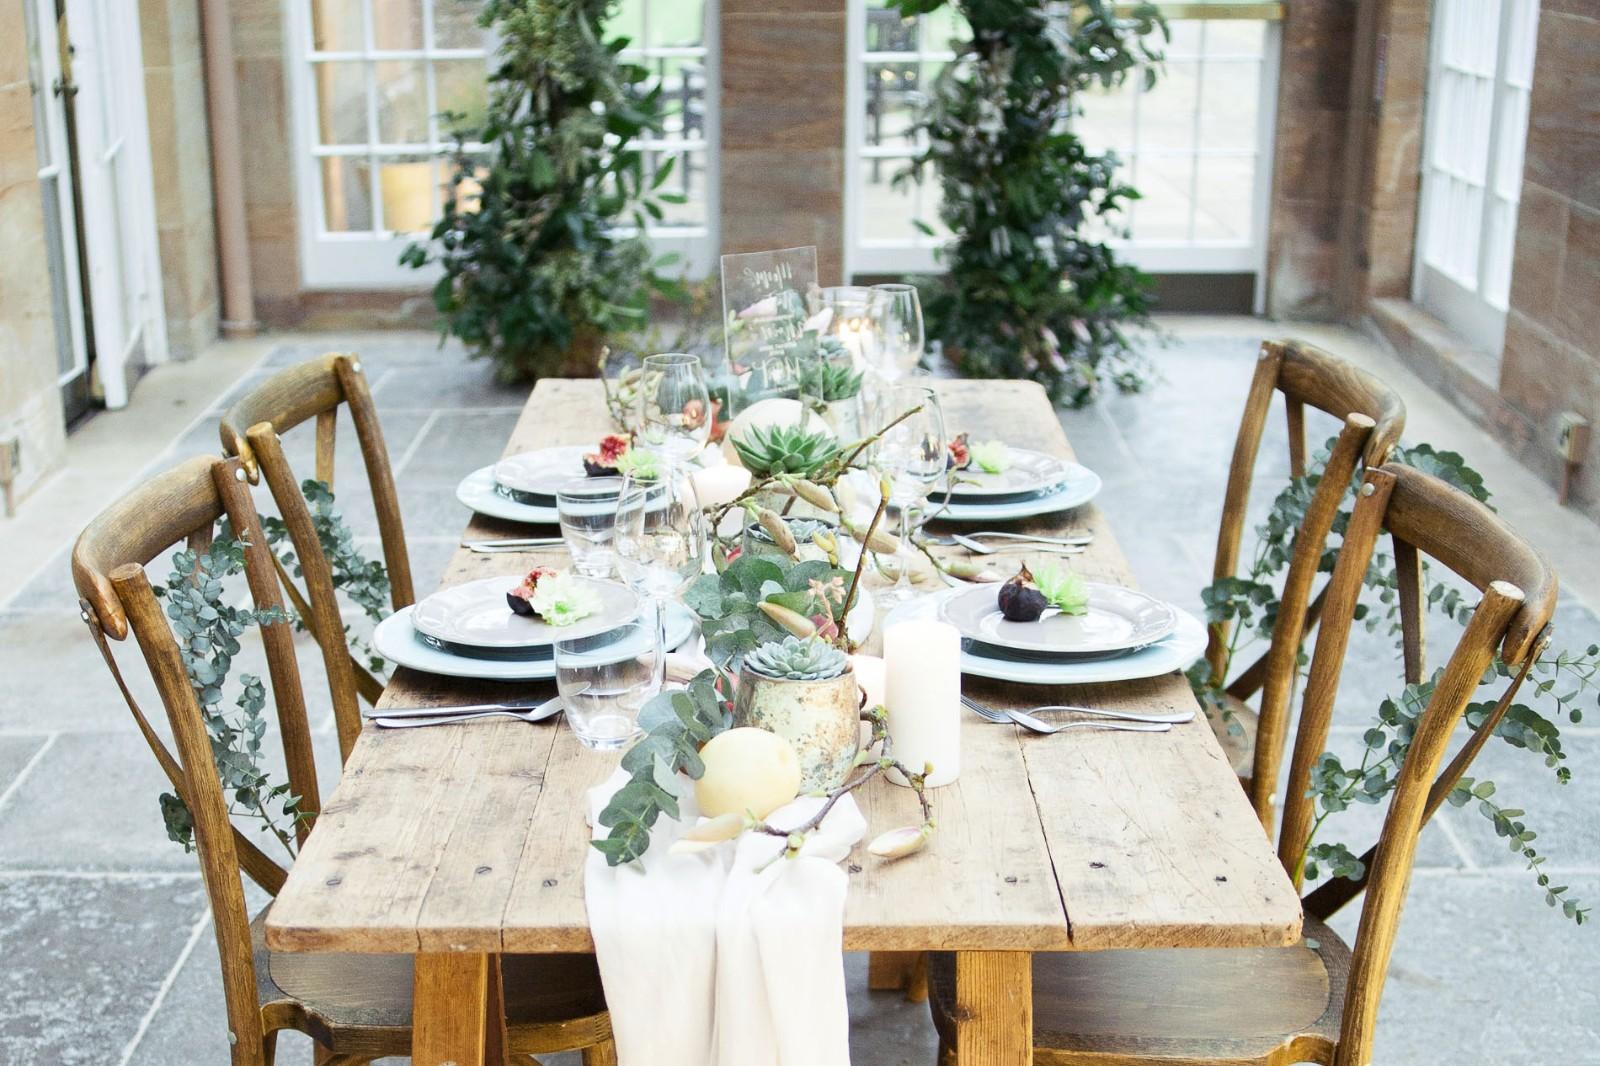 婚礼布置小创意,婚礼上这些地方用上鲜花会更美哦!